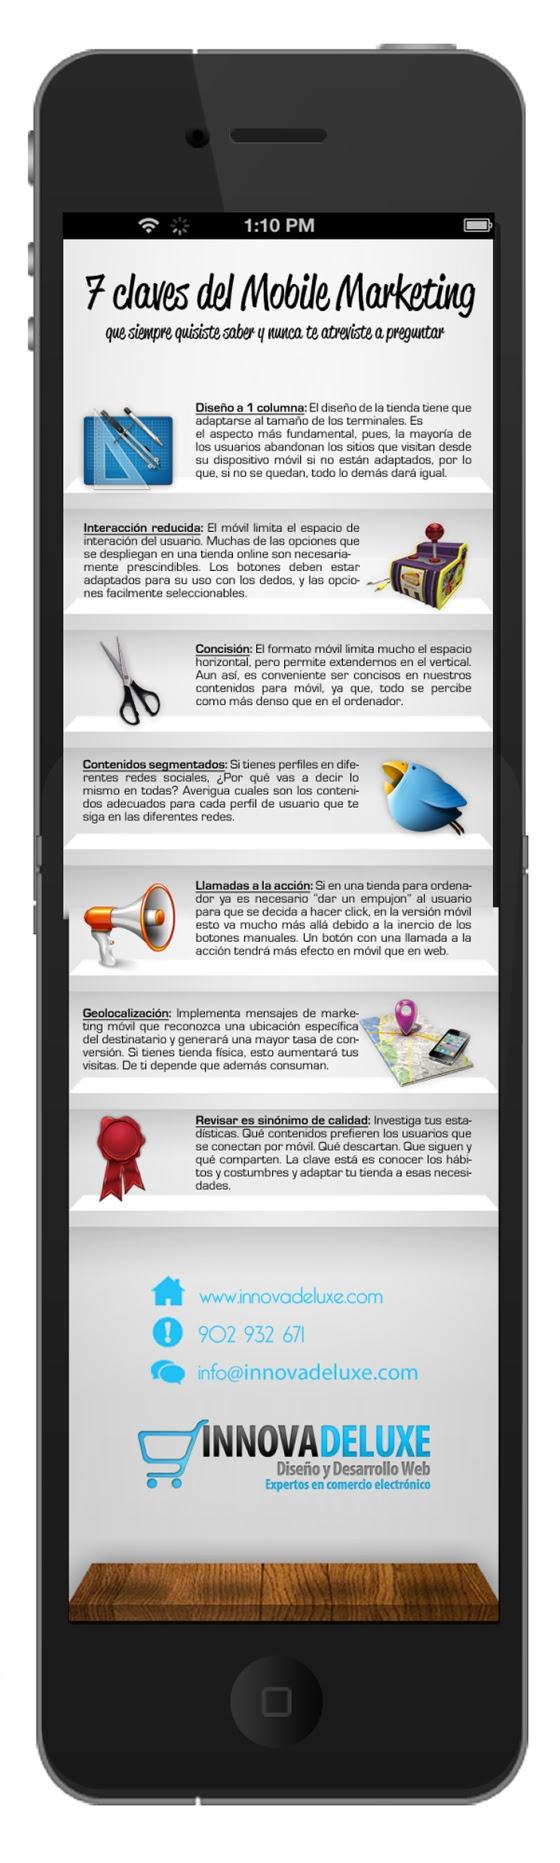 7 claves del marketing móvil